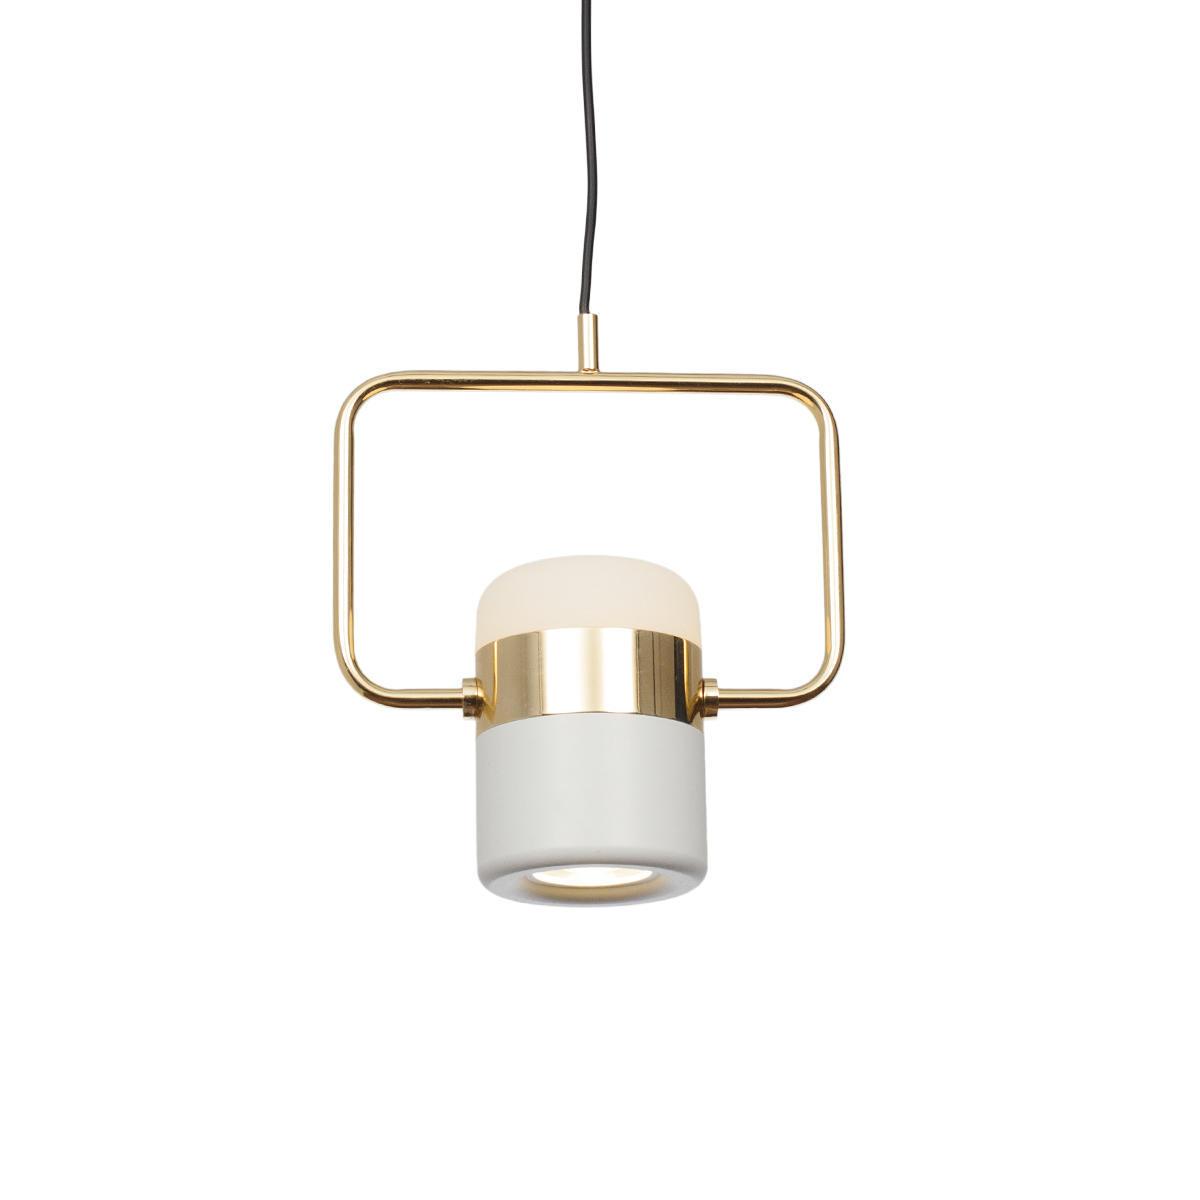 Подвесной светодиодный светильник Loft It Ling 8119-B, LED 8W - фото 2